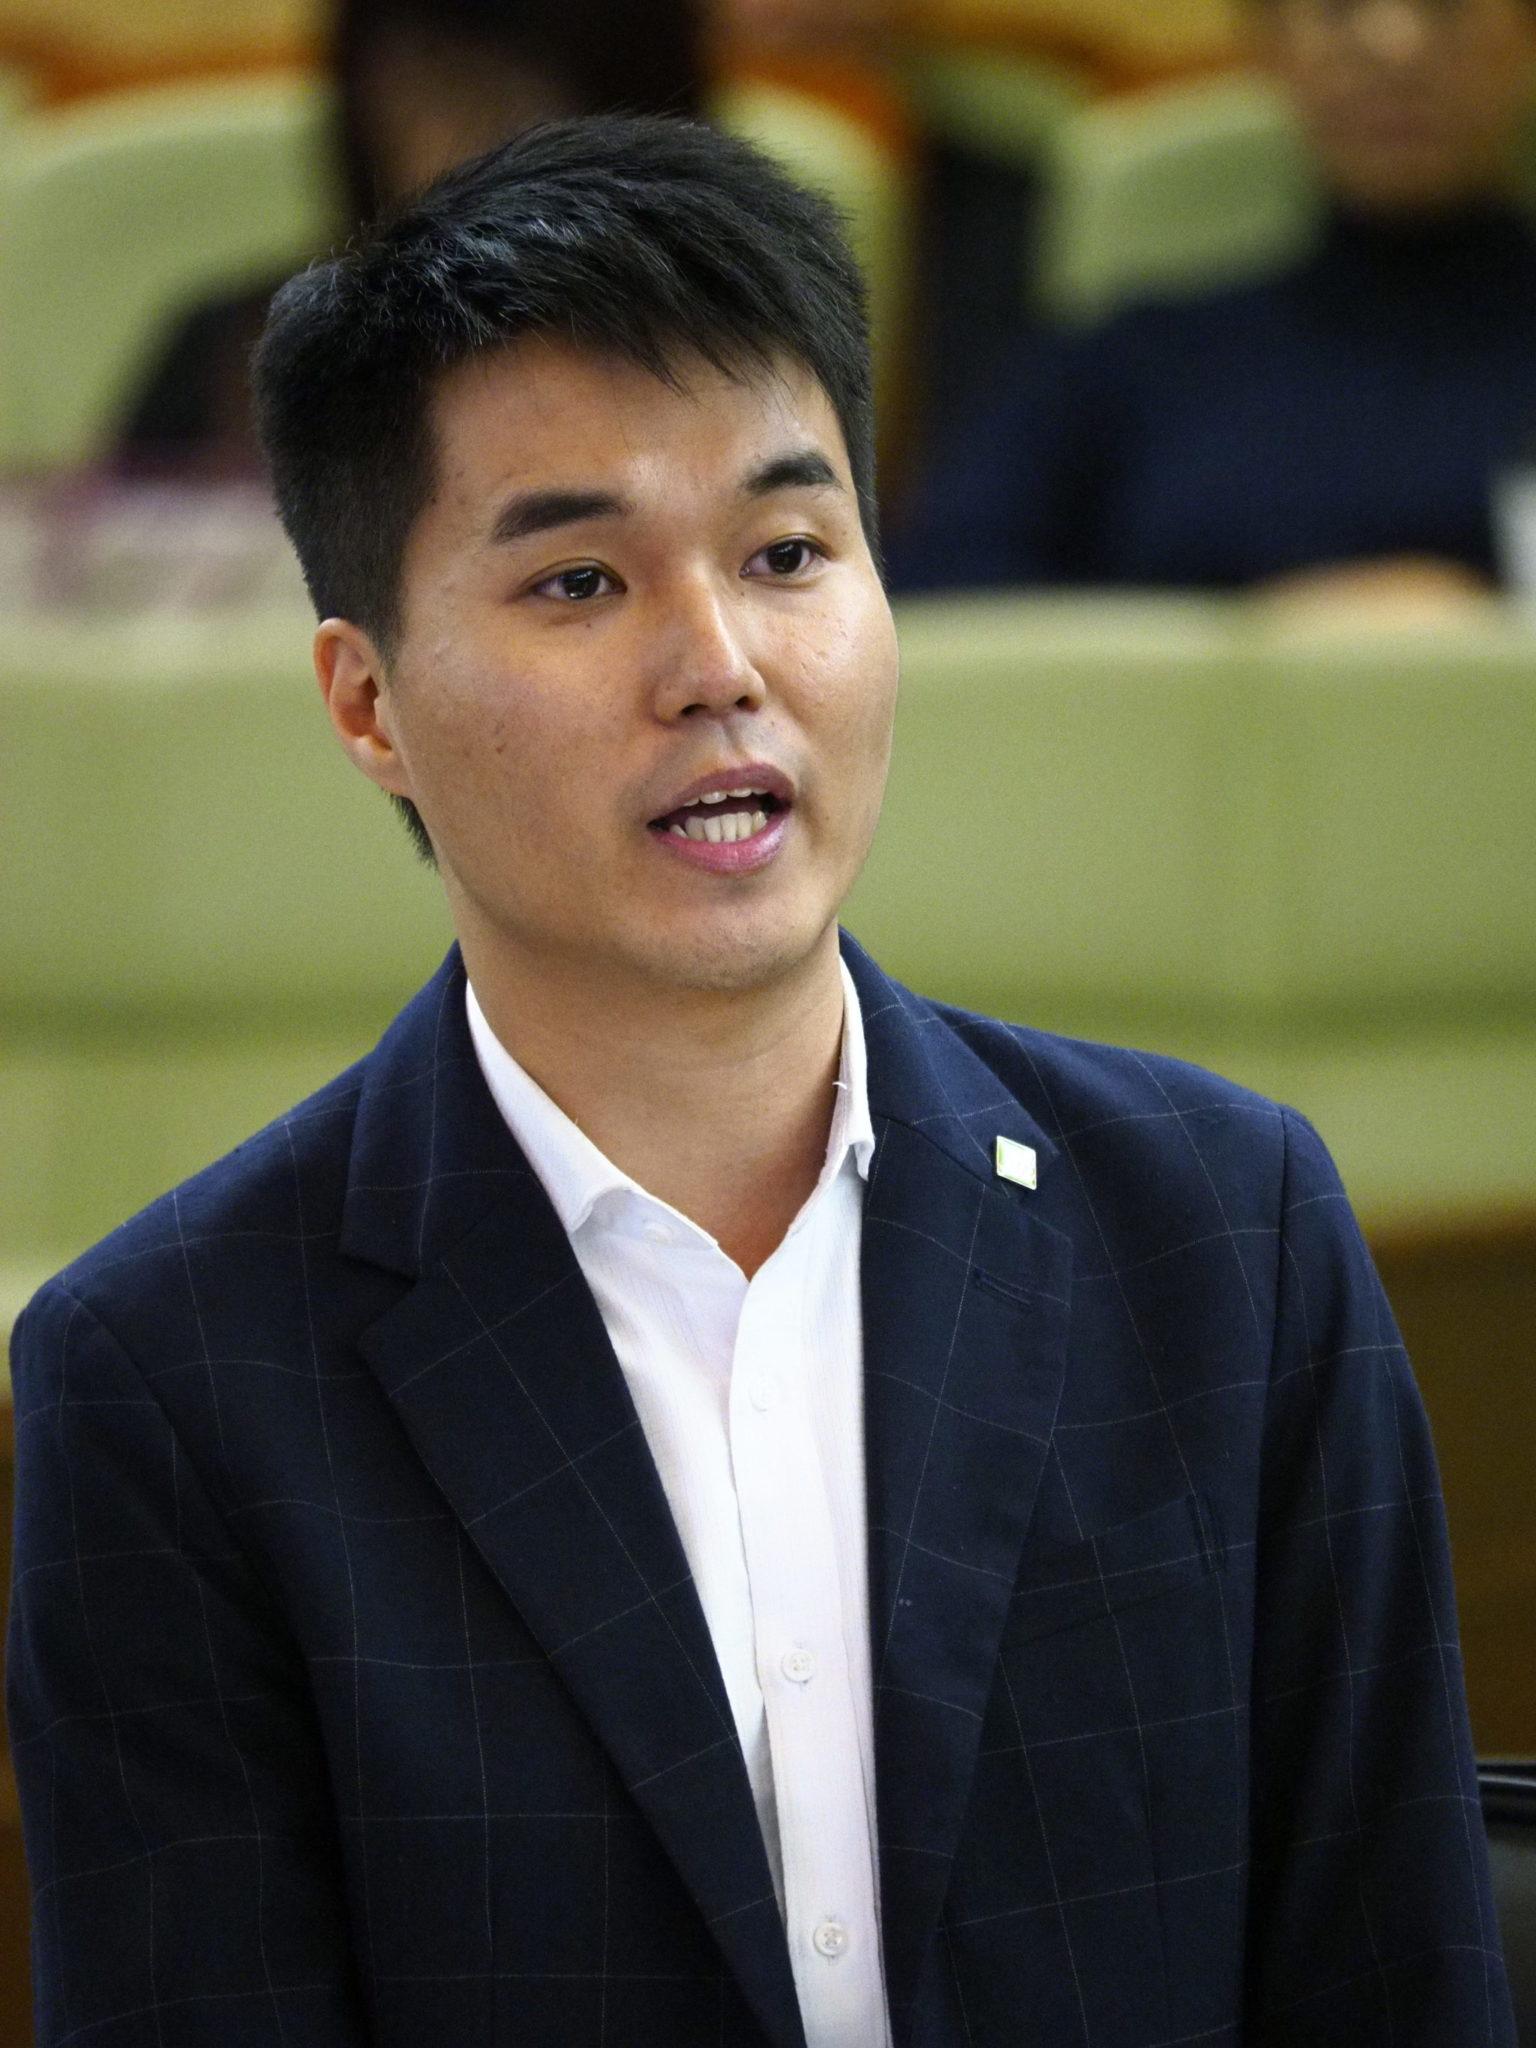 Sulu Sou junta-se ao protesto contra reconhecimento de cartas de condução